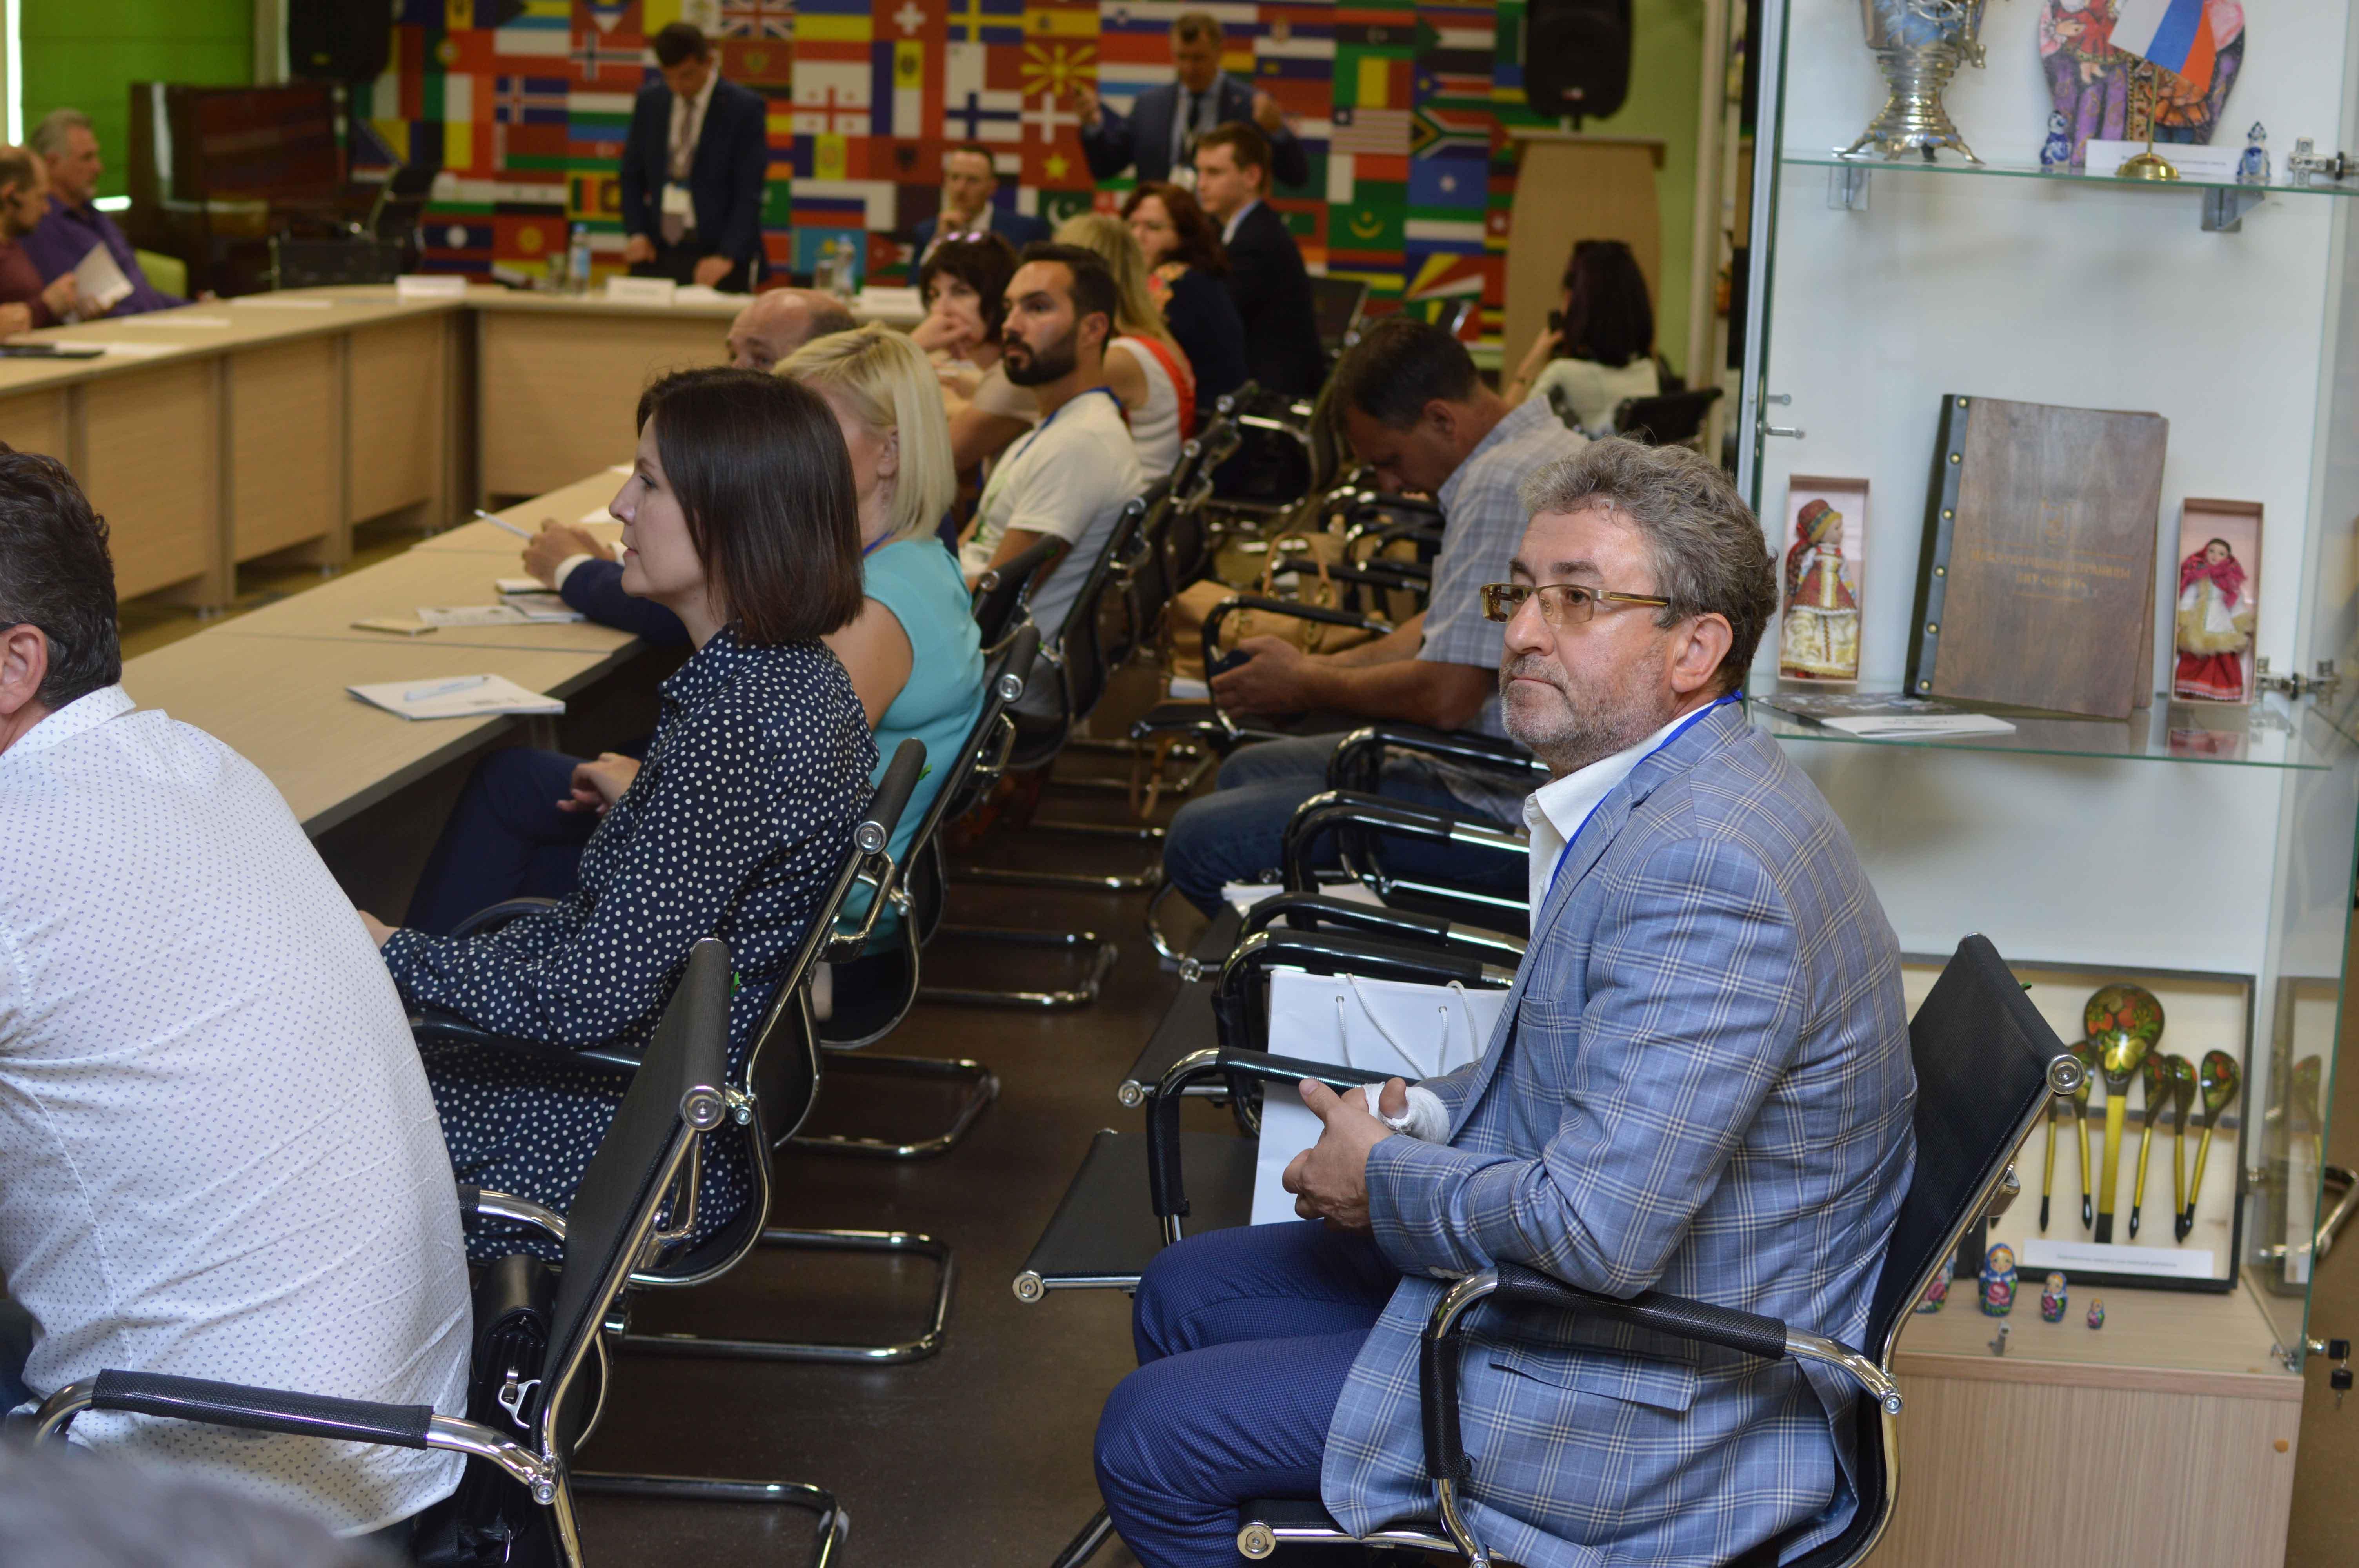 Бизнес в зоне повышенного духовного риска. Как в Белгороде обсуждали предпринимательство на основе традиционных ценностей